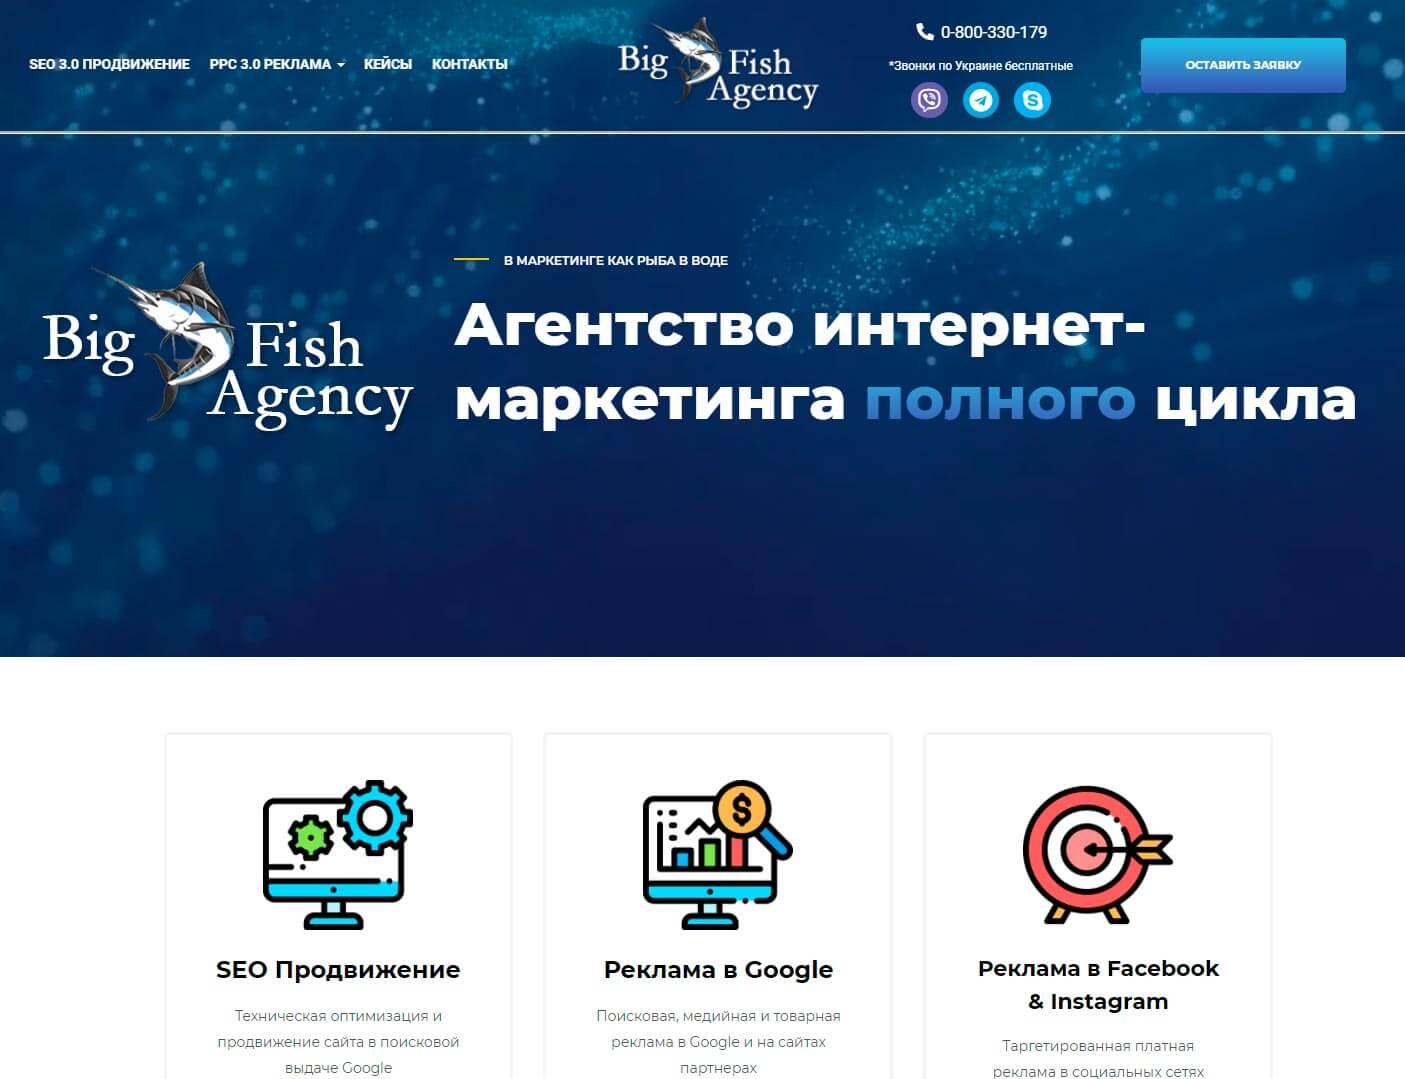 Big Fish Agency - обзор компании, услуги, отзывы, клиенты   Google SEO, Фото № 1 - google-seo.pro